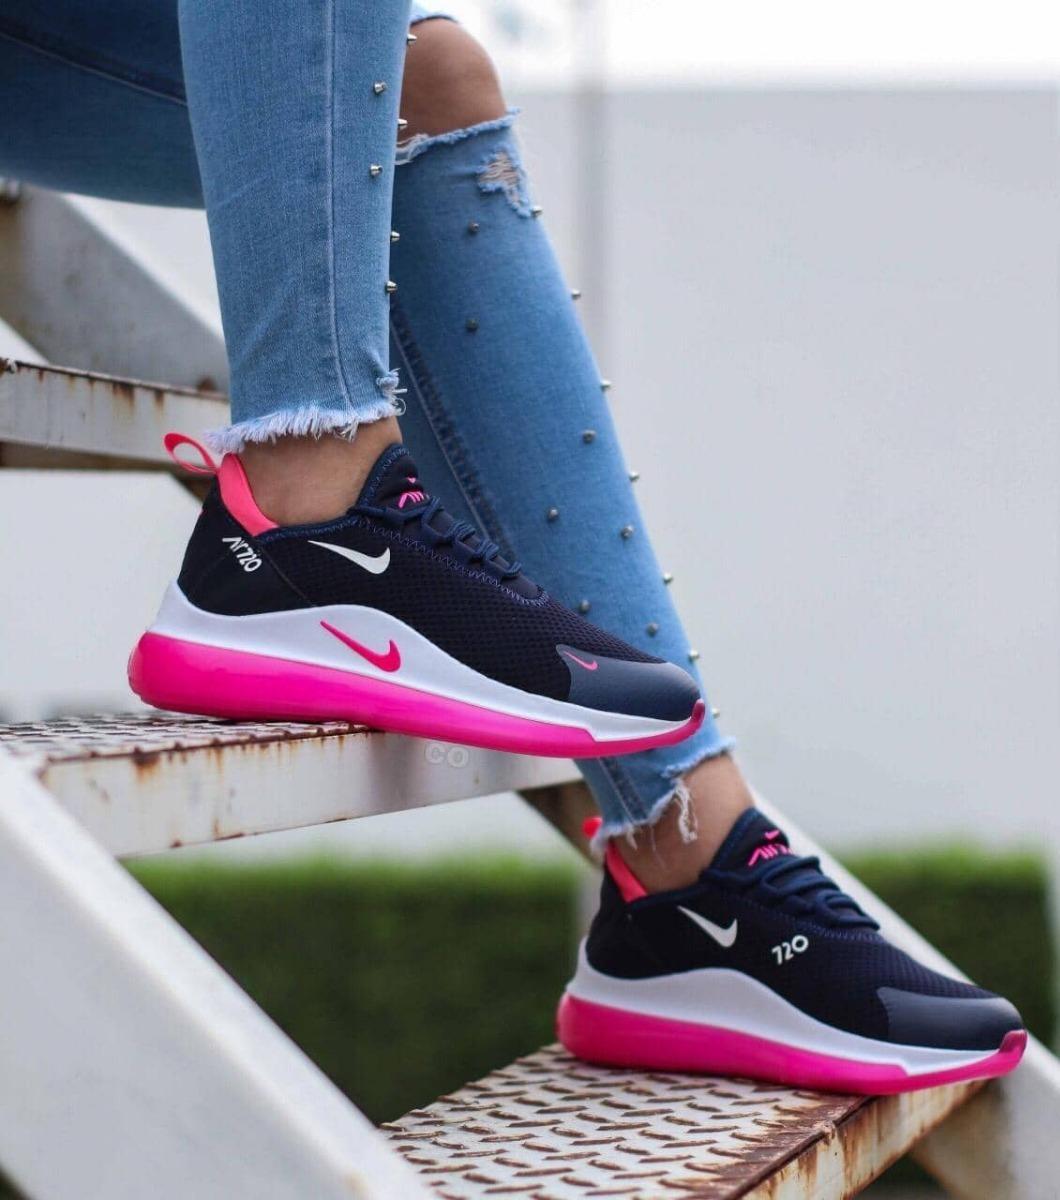 d9b370e57580 Tenis Zapatillas Calzado Deportivo Para Dama Modelo Nuevo